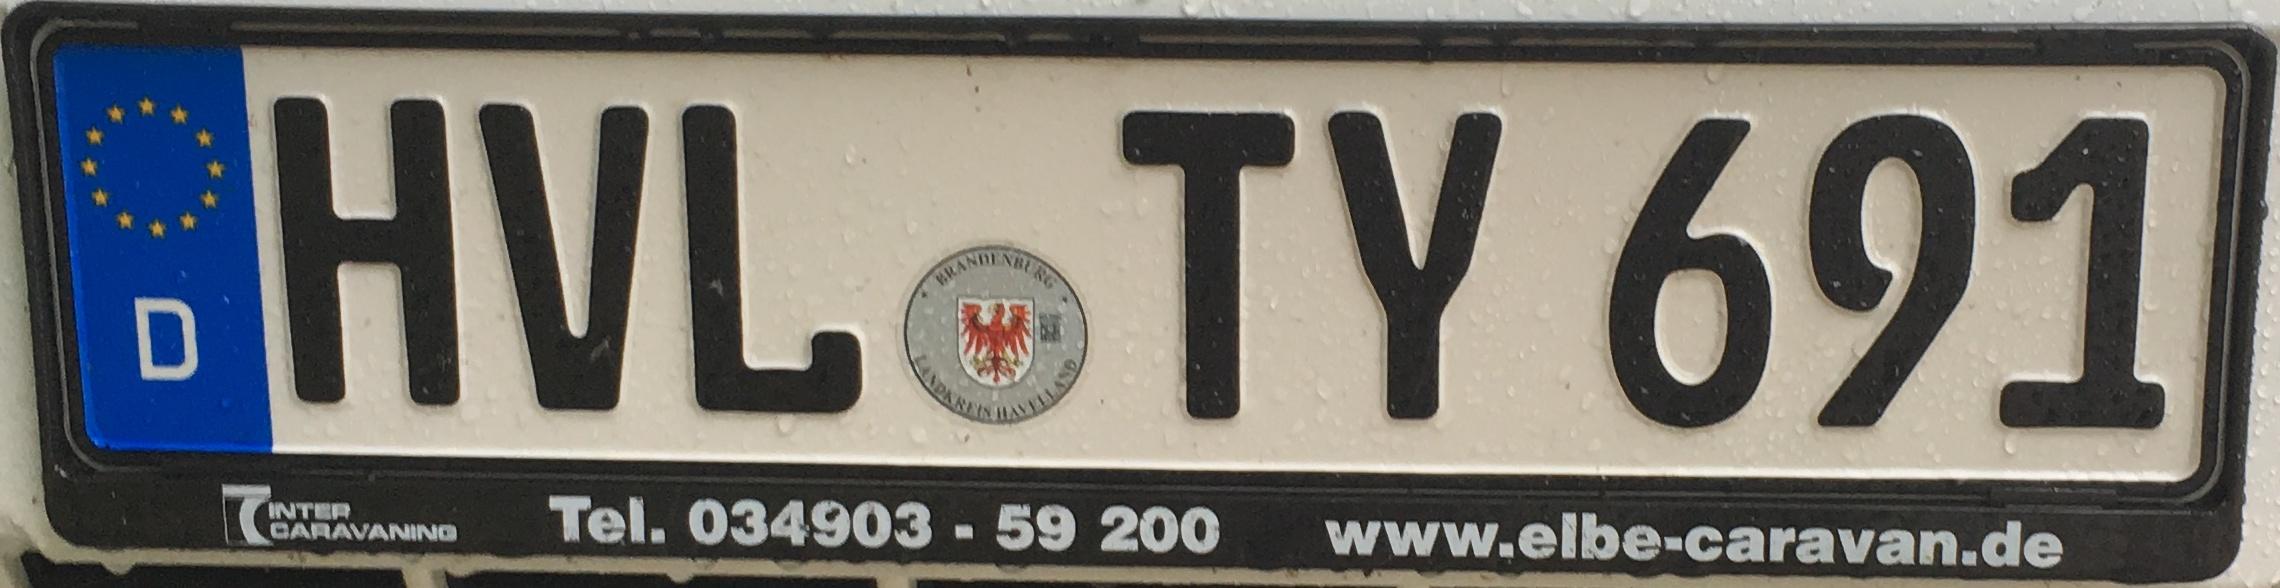 Registrační značka Německo - HVL - Havelland, foto: www.podalnici.cz